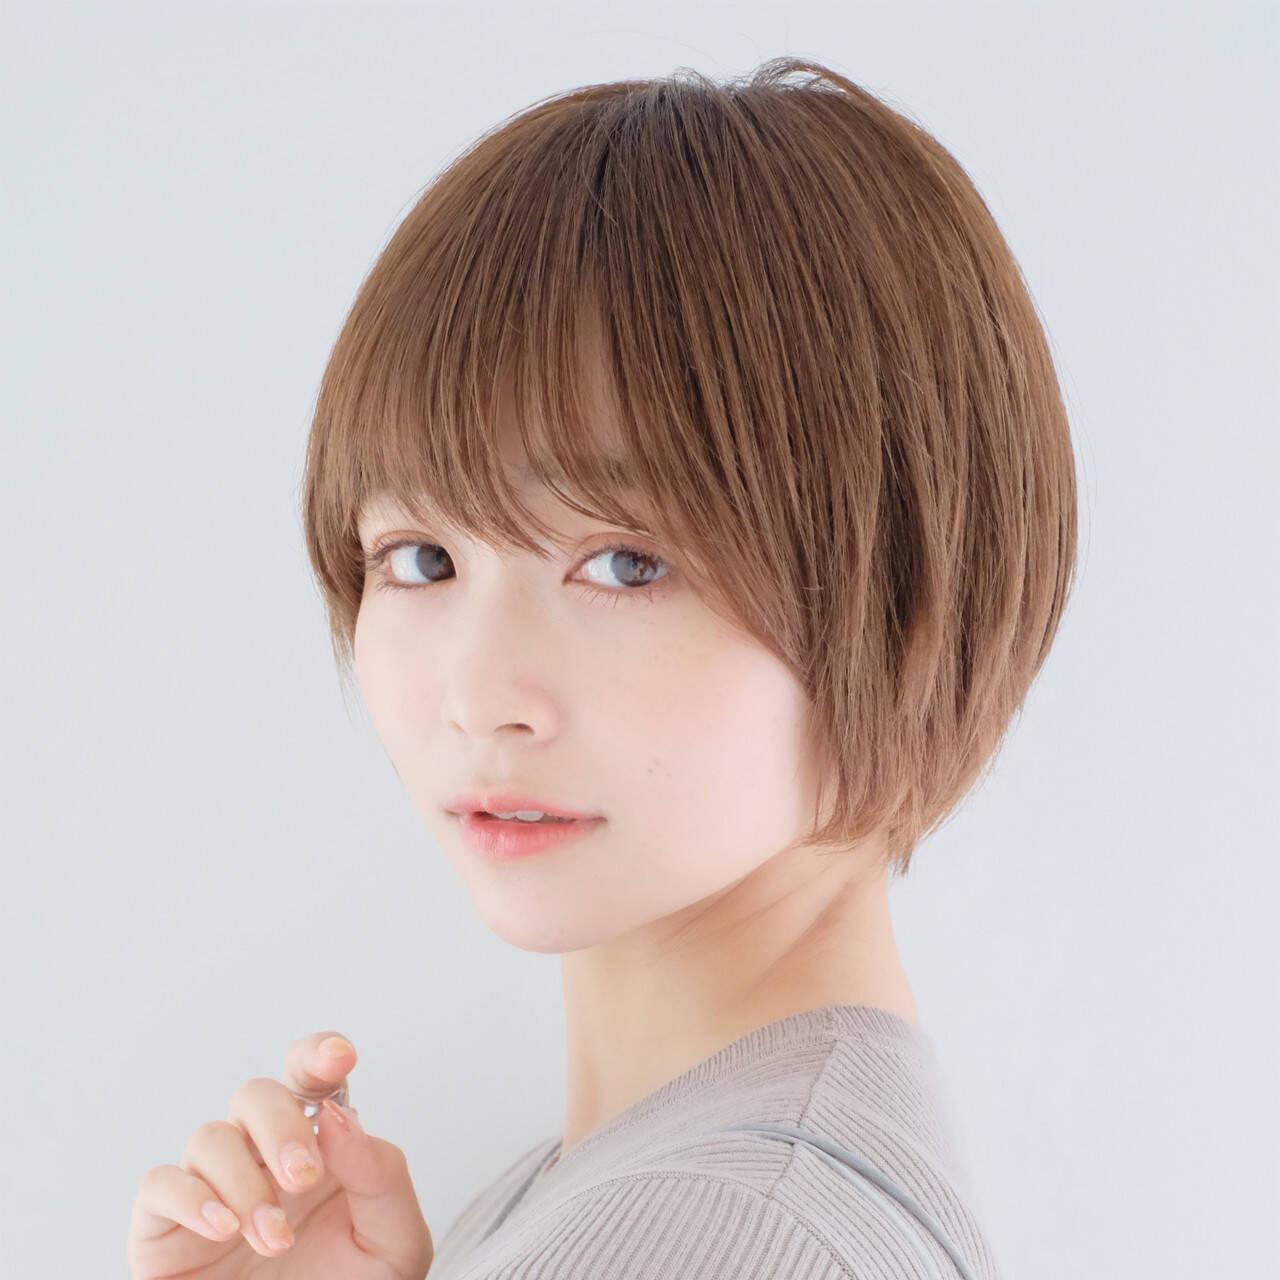 つながり前髪で大人可愛く 竹之内 蔵人  Gallica minami aoyama